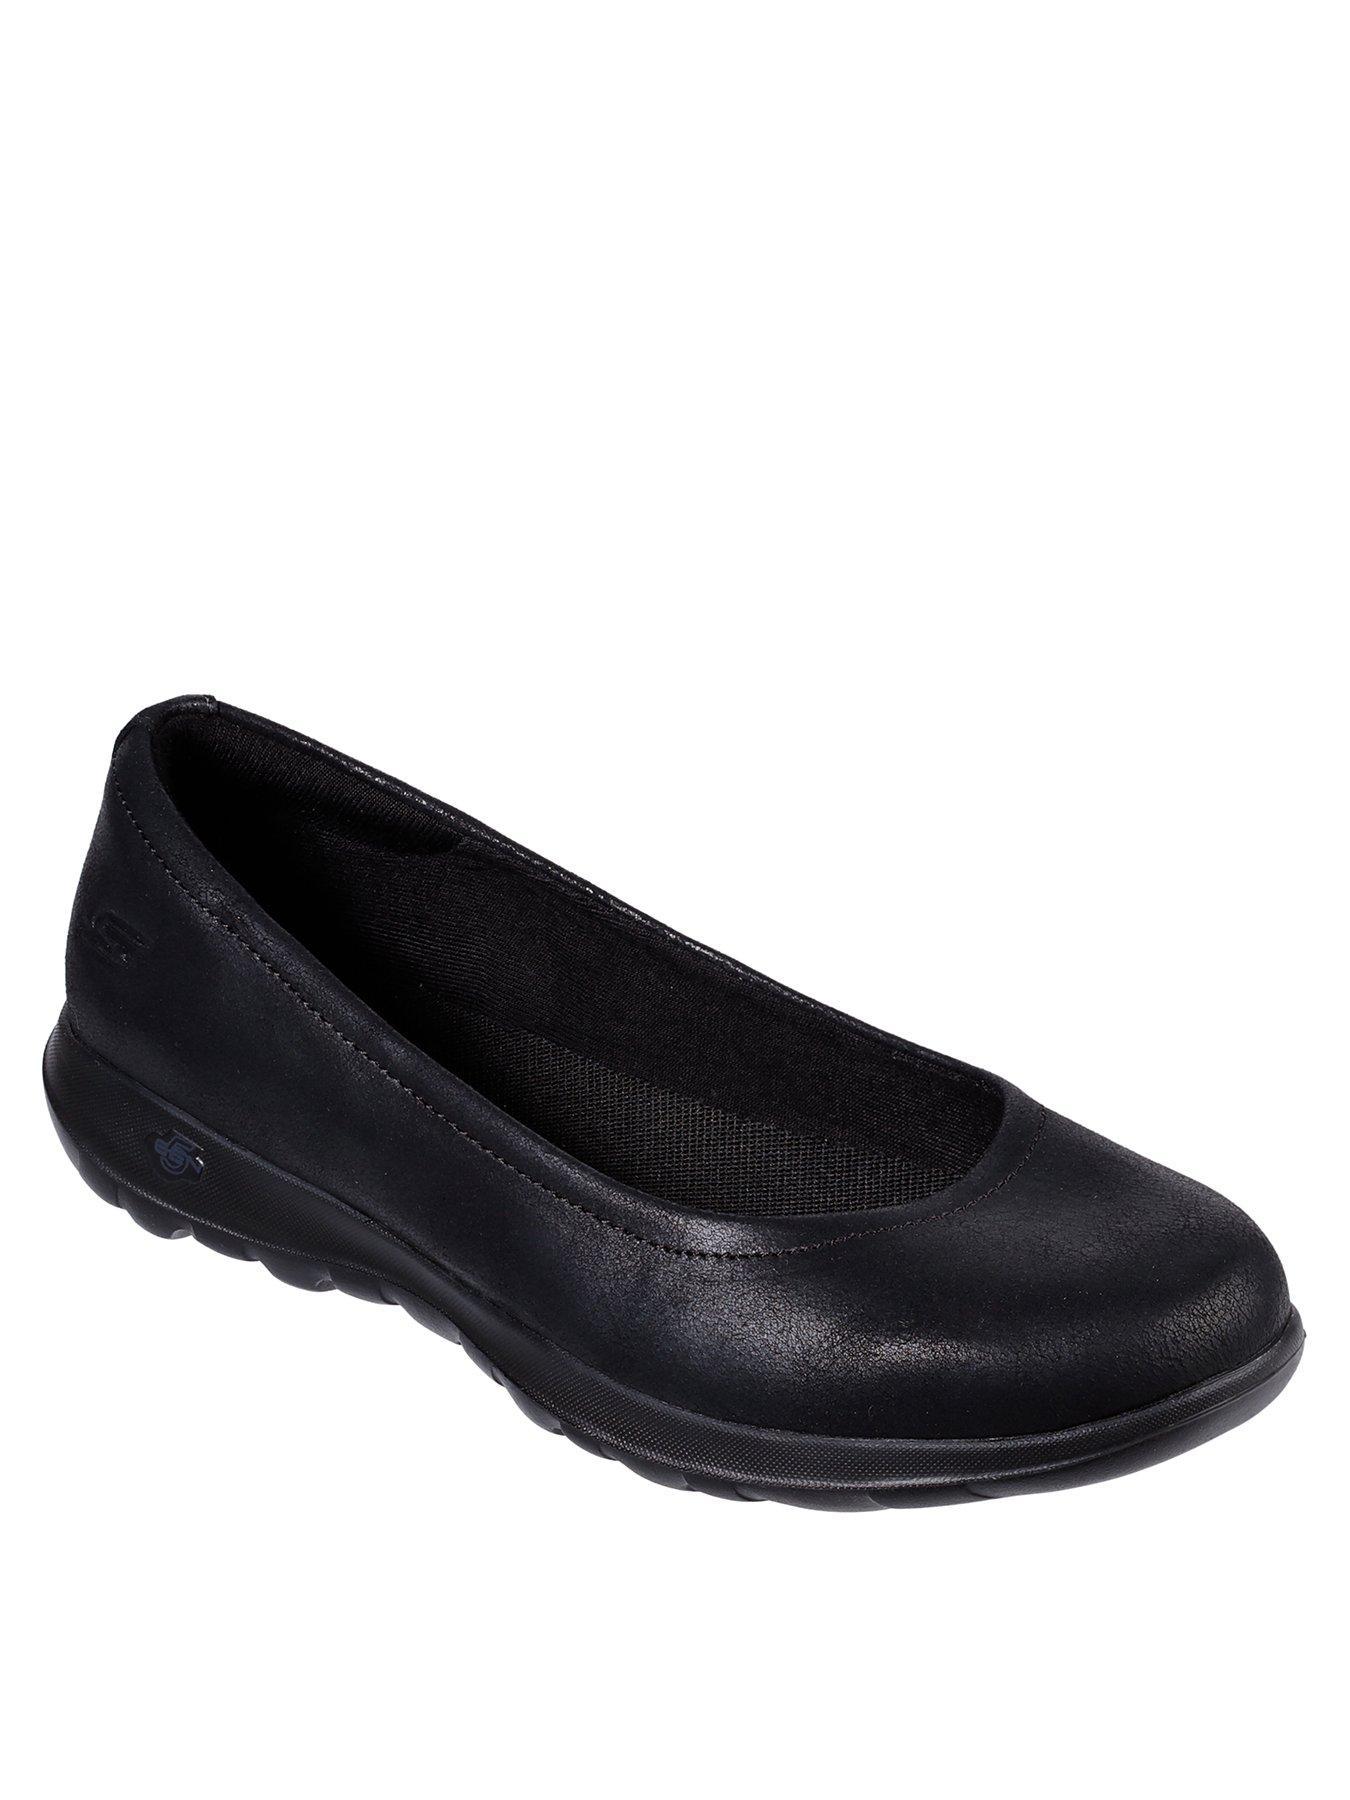 Skechers Shoes & Trainers | Women & Men's Shoes